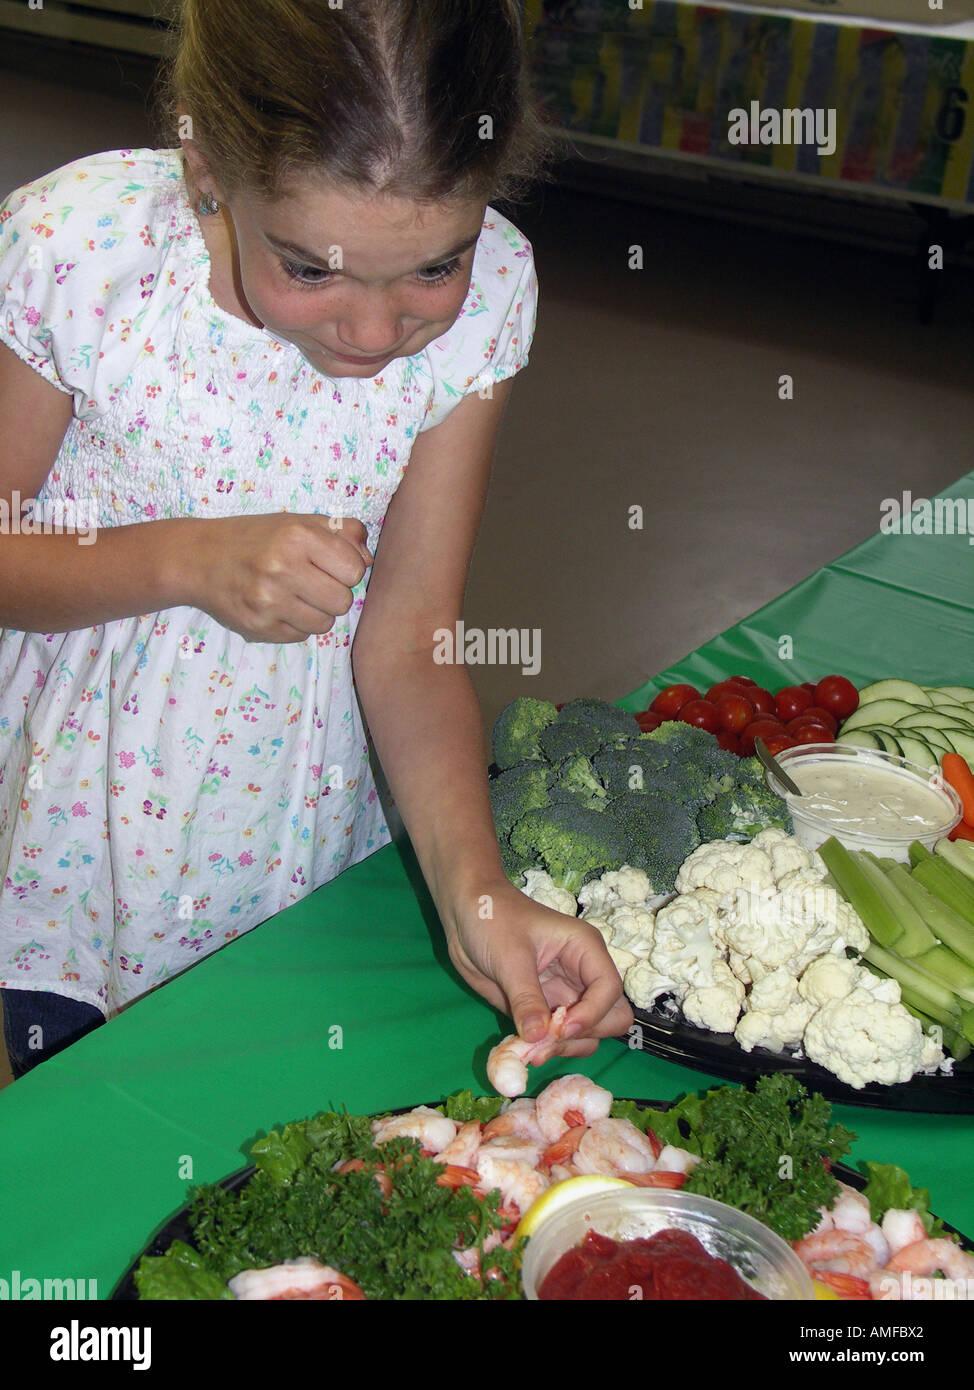 Enjoying Party Food - Stock Image